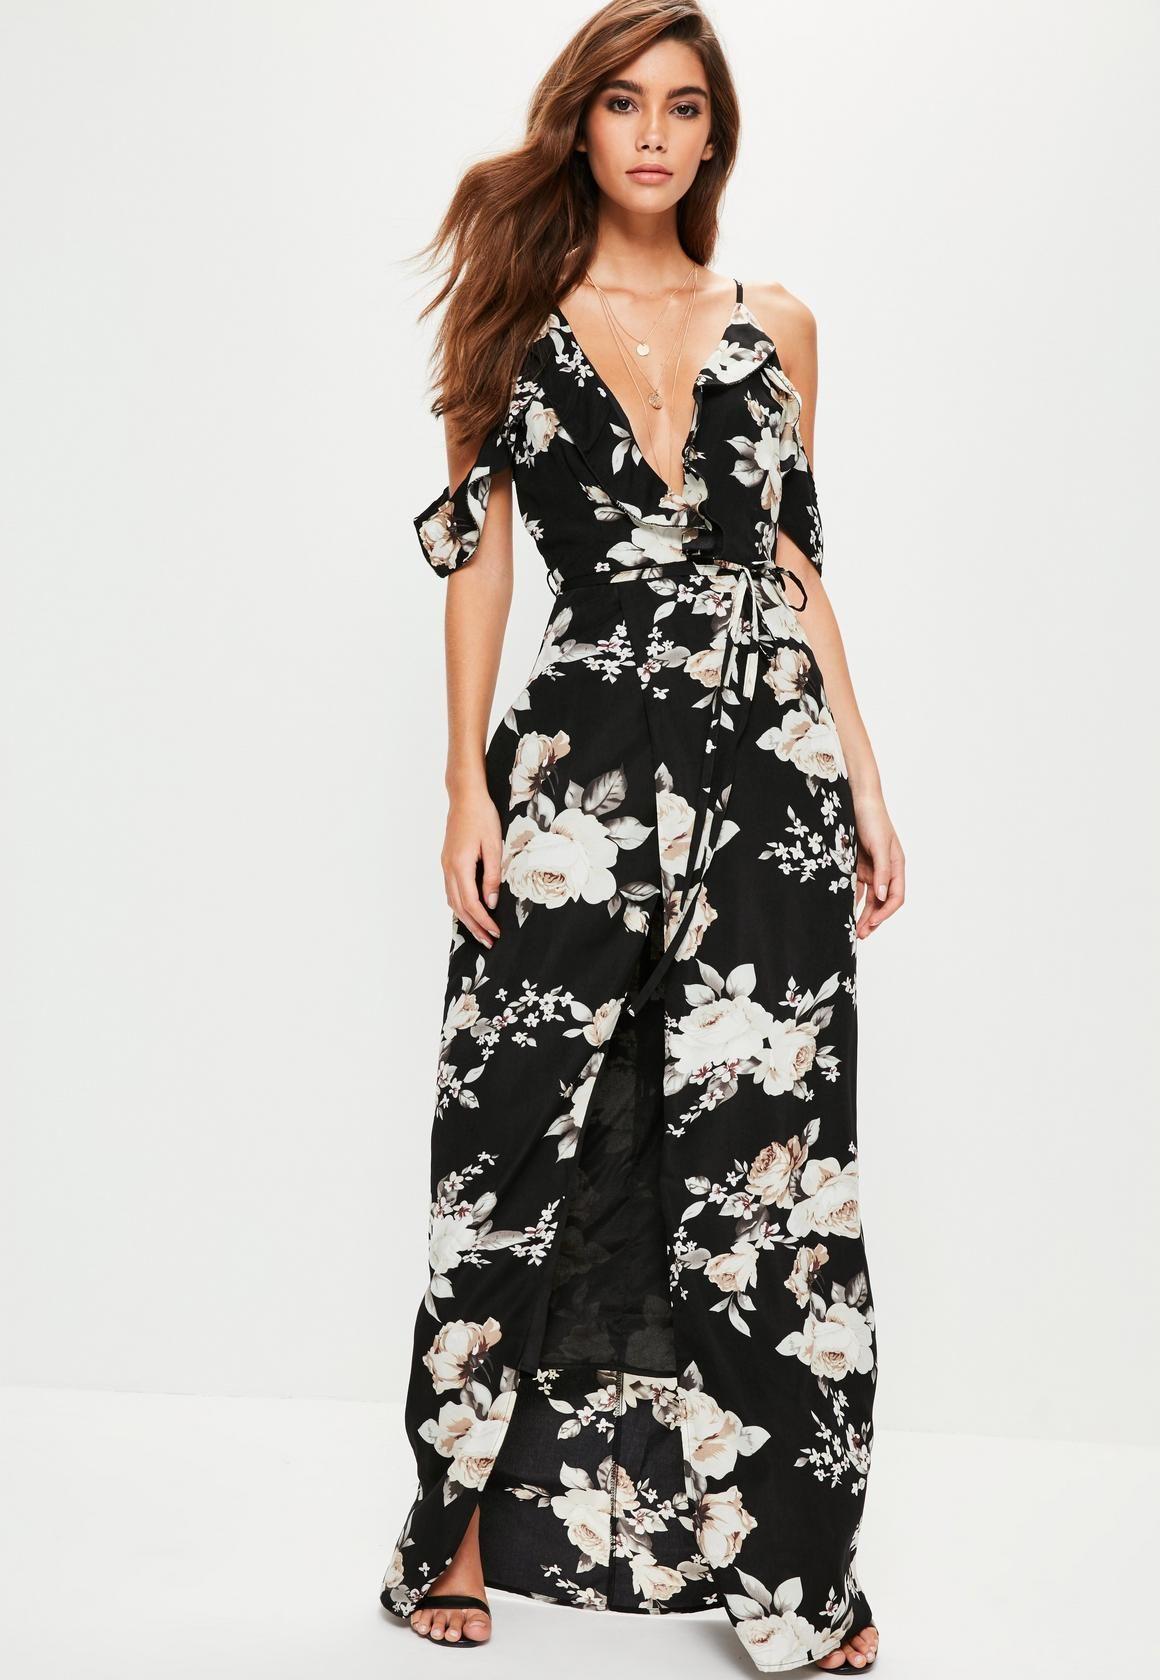 5a4c28114c8e Missguided - Black Floral Cold Shoulder Maxi Dress